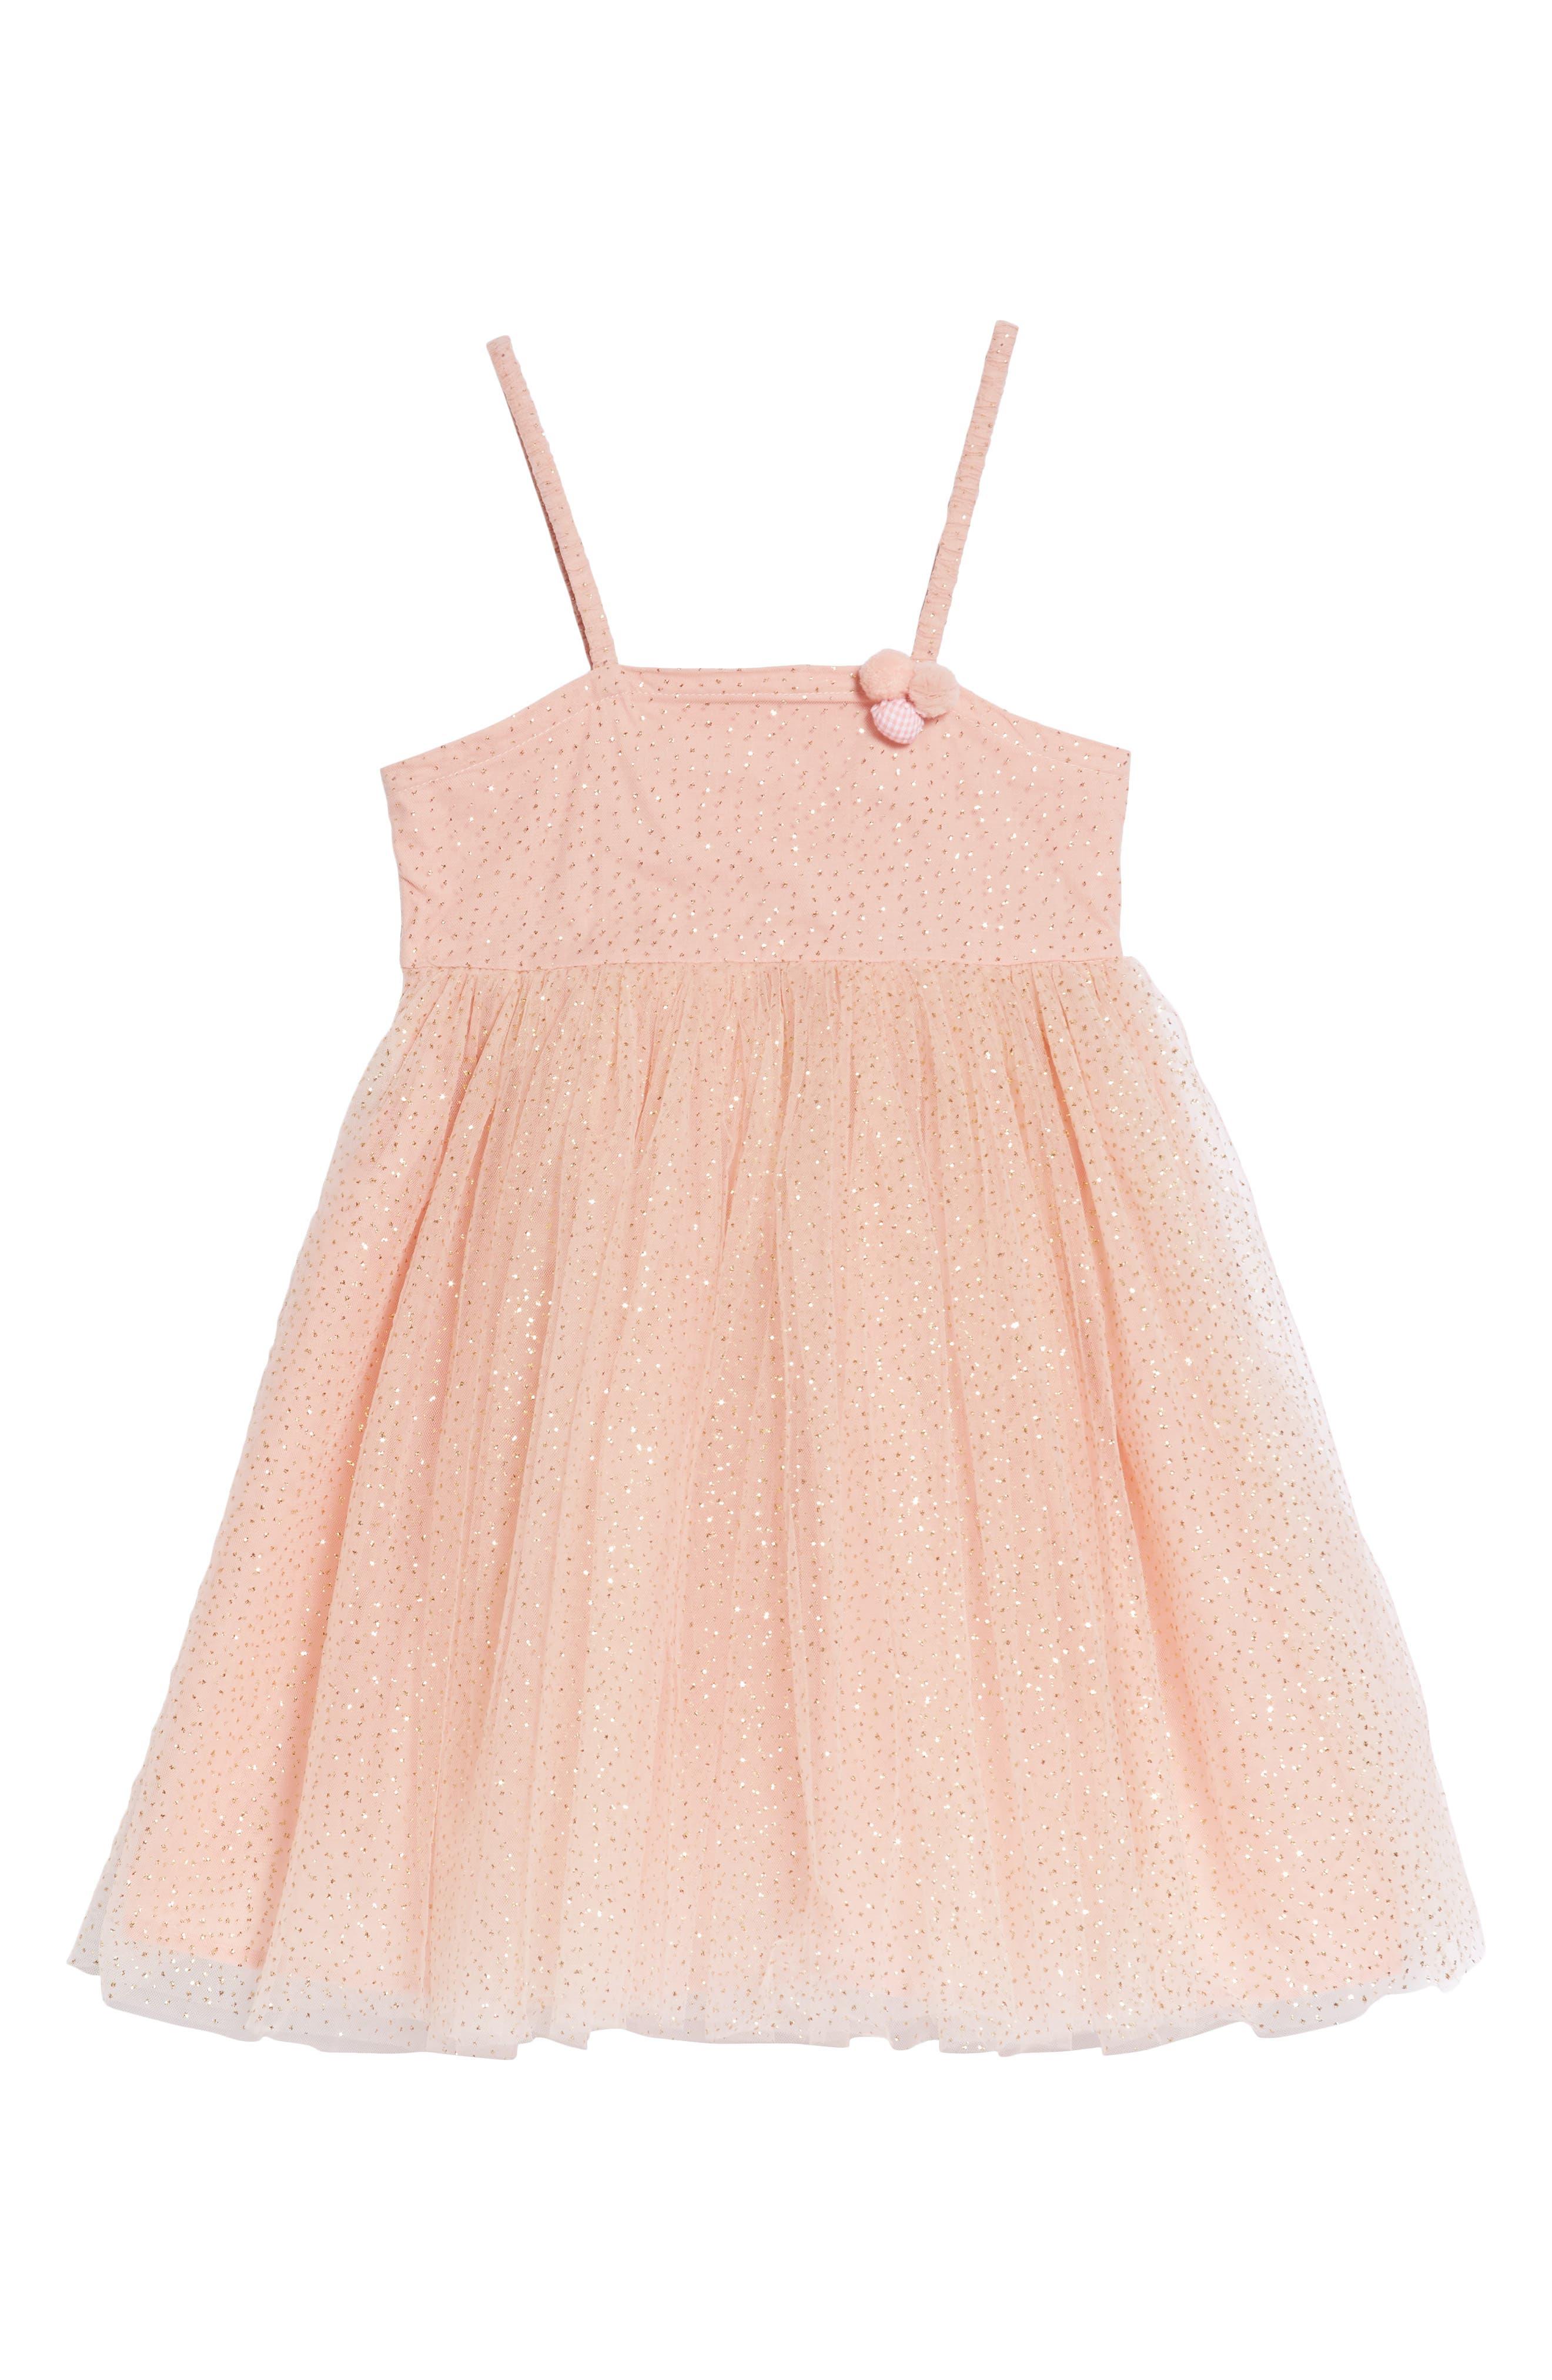 Doe A Dear Glitter Dotted Tulle Empire Dress (Toddler Girls, Little Girls & Big Girls)